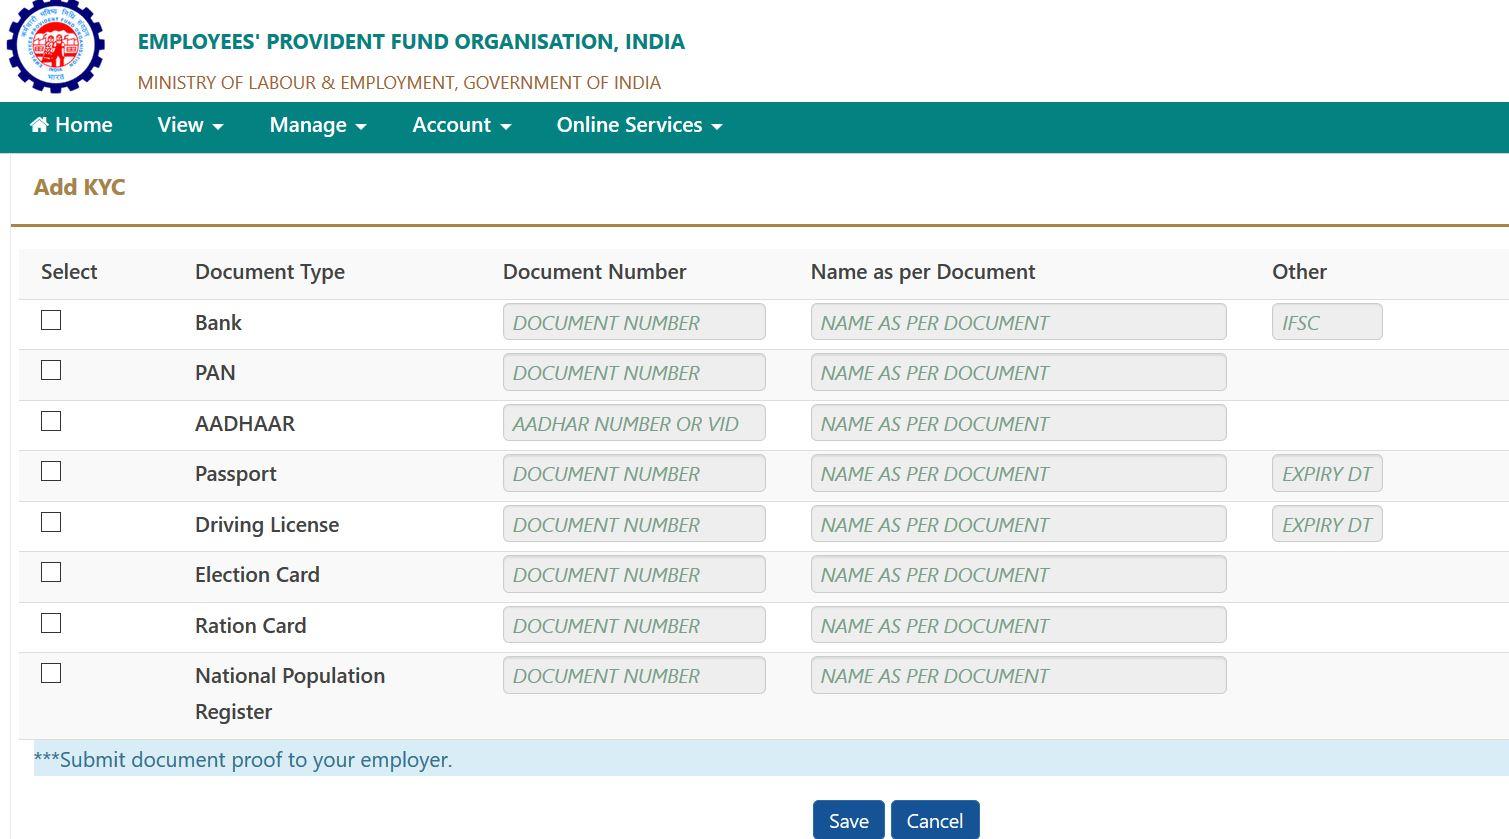 पीएफ का पैसा कैसे निकालें, ईपीएफ विड्रॉल, पीएफ फॉर्म कैसे भरें, epfo pf settled 3 days know process online pf withdrawal, EPF से आप कैसे और कब निकाल सकते हैं पैसे, EPFO ने बदला PF का पैसा निकालने का रूल, Provident Fund Withdrawal जानें कब और कैसे, Online PF Claim in hindi, पीएफ निकालने के नियम 2020, पीएफ ऑनलाइन आवेदन, pf कितने दिन में आ जाता है, pf निकासी के लिए आवश्यक दस्तावेज, पीएफ वेबसाइट, नए पीएफ नियम 2020, पीएफ निकासी फार्म ऑनलाइन, epf